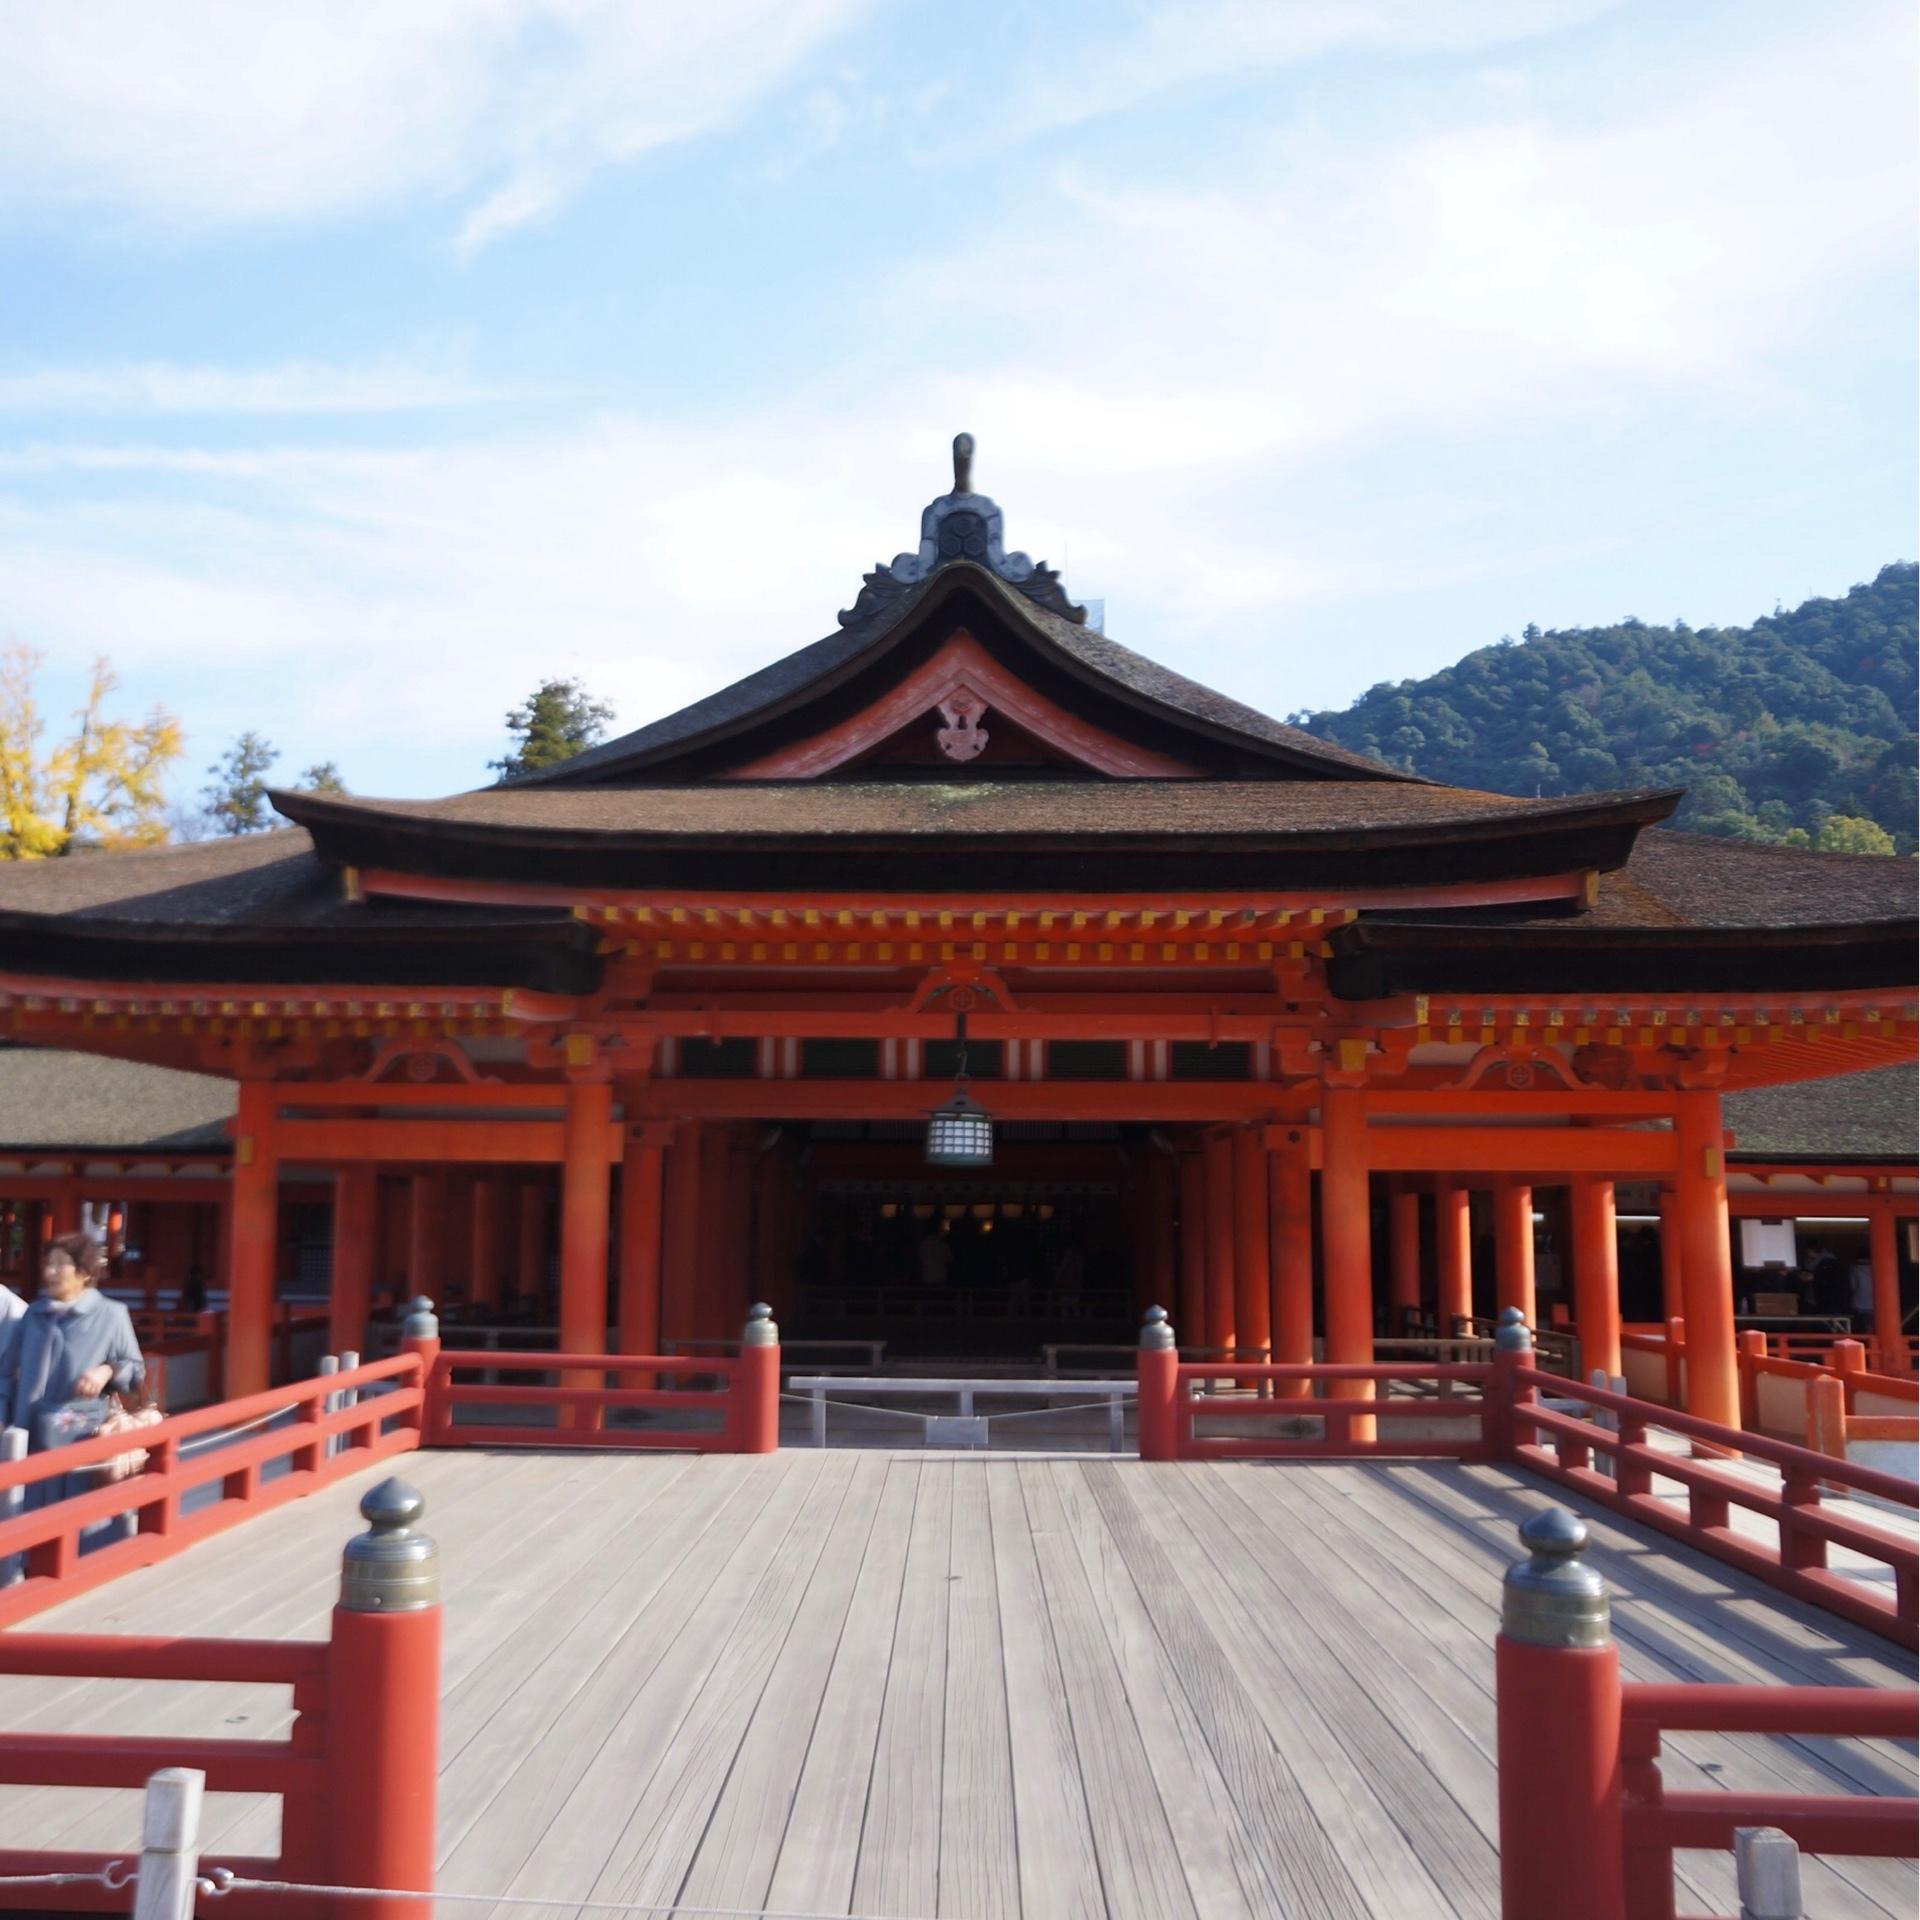 世界文化遺産「厳島神社」 美しい朱塗りの社殿は潮が満ちてくると海に浮かんでいるような不思議な建築美をたたえています。